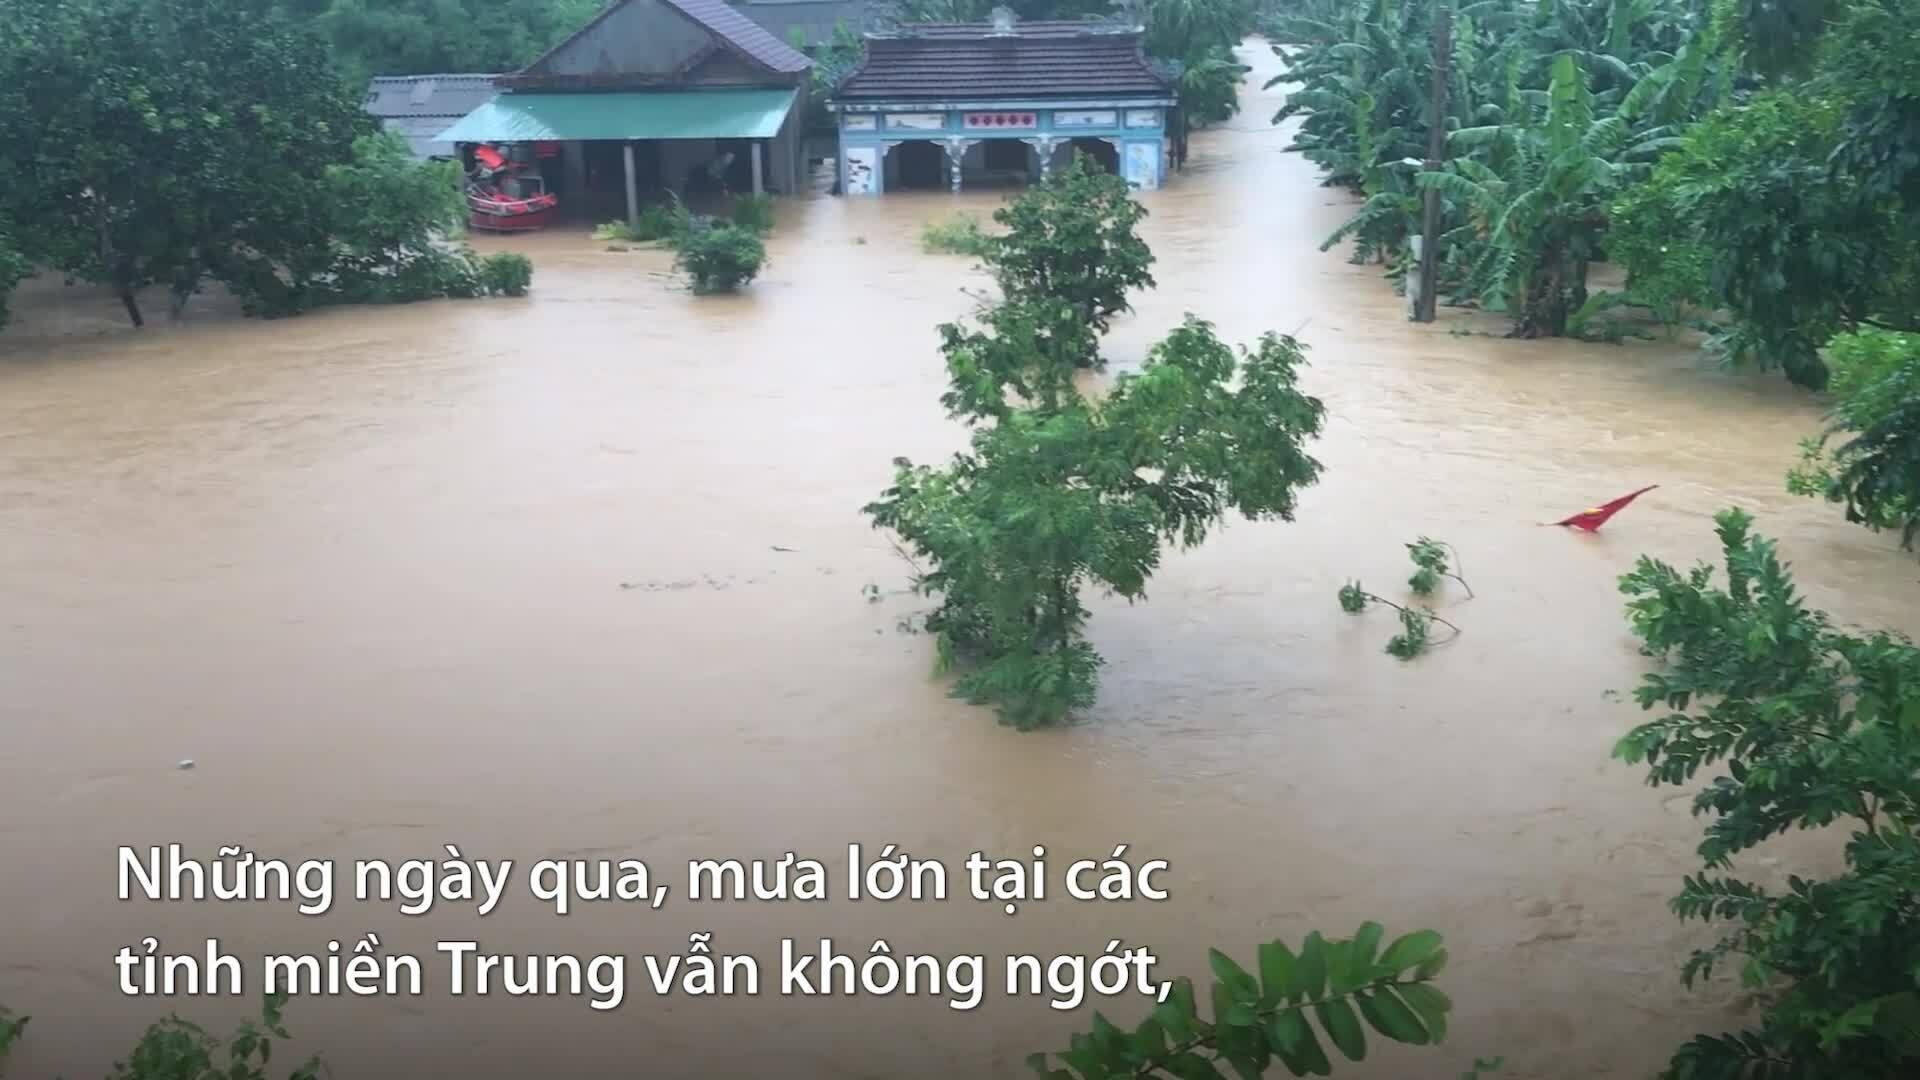 Tổng hợp thiệt hại mưa lũ miền Trung